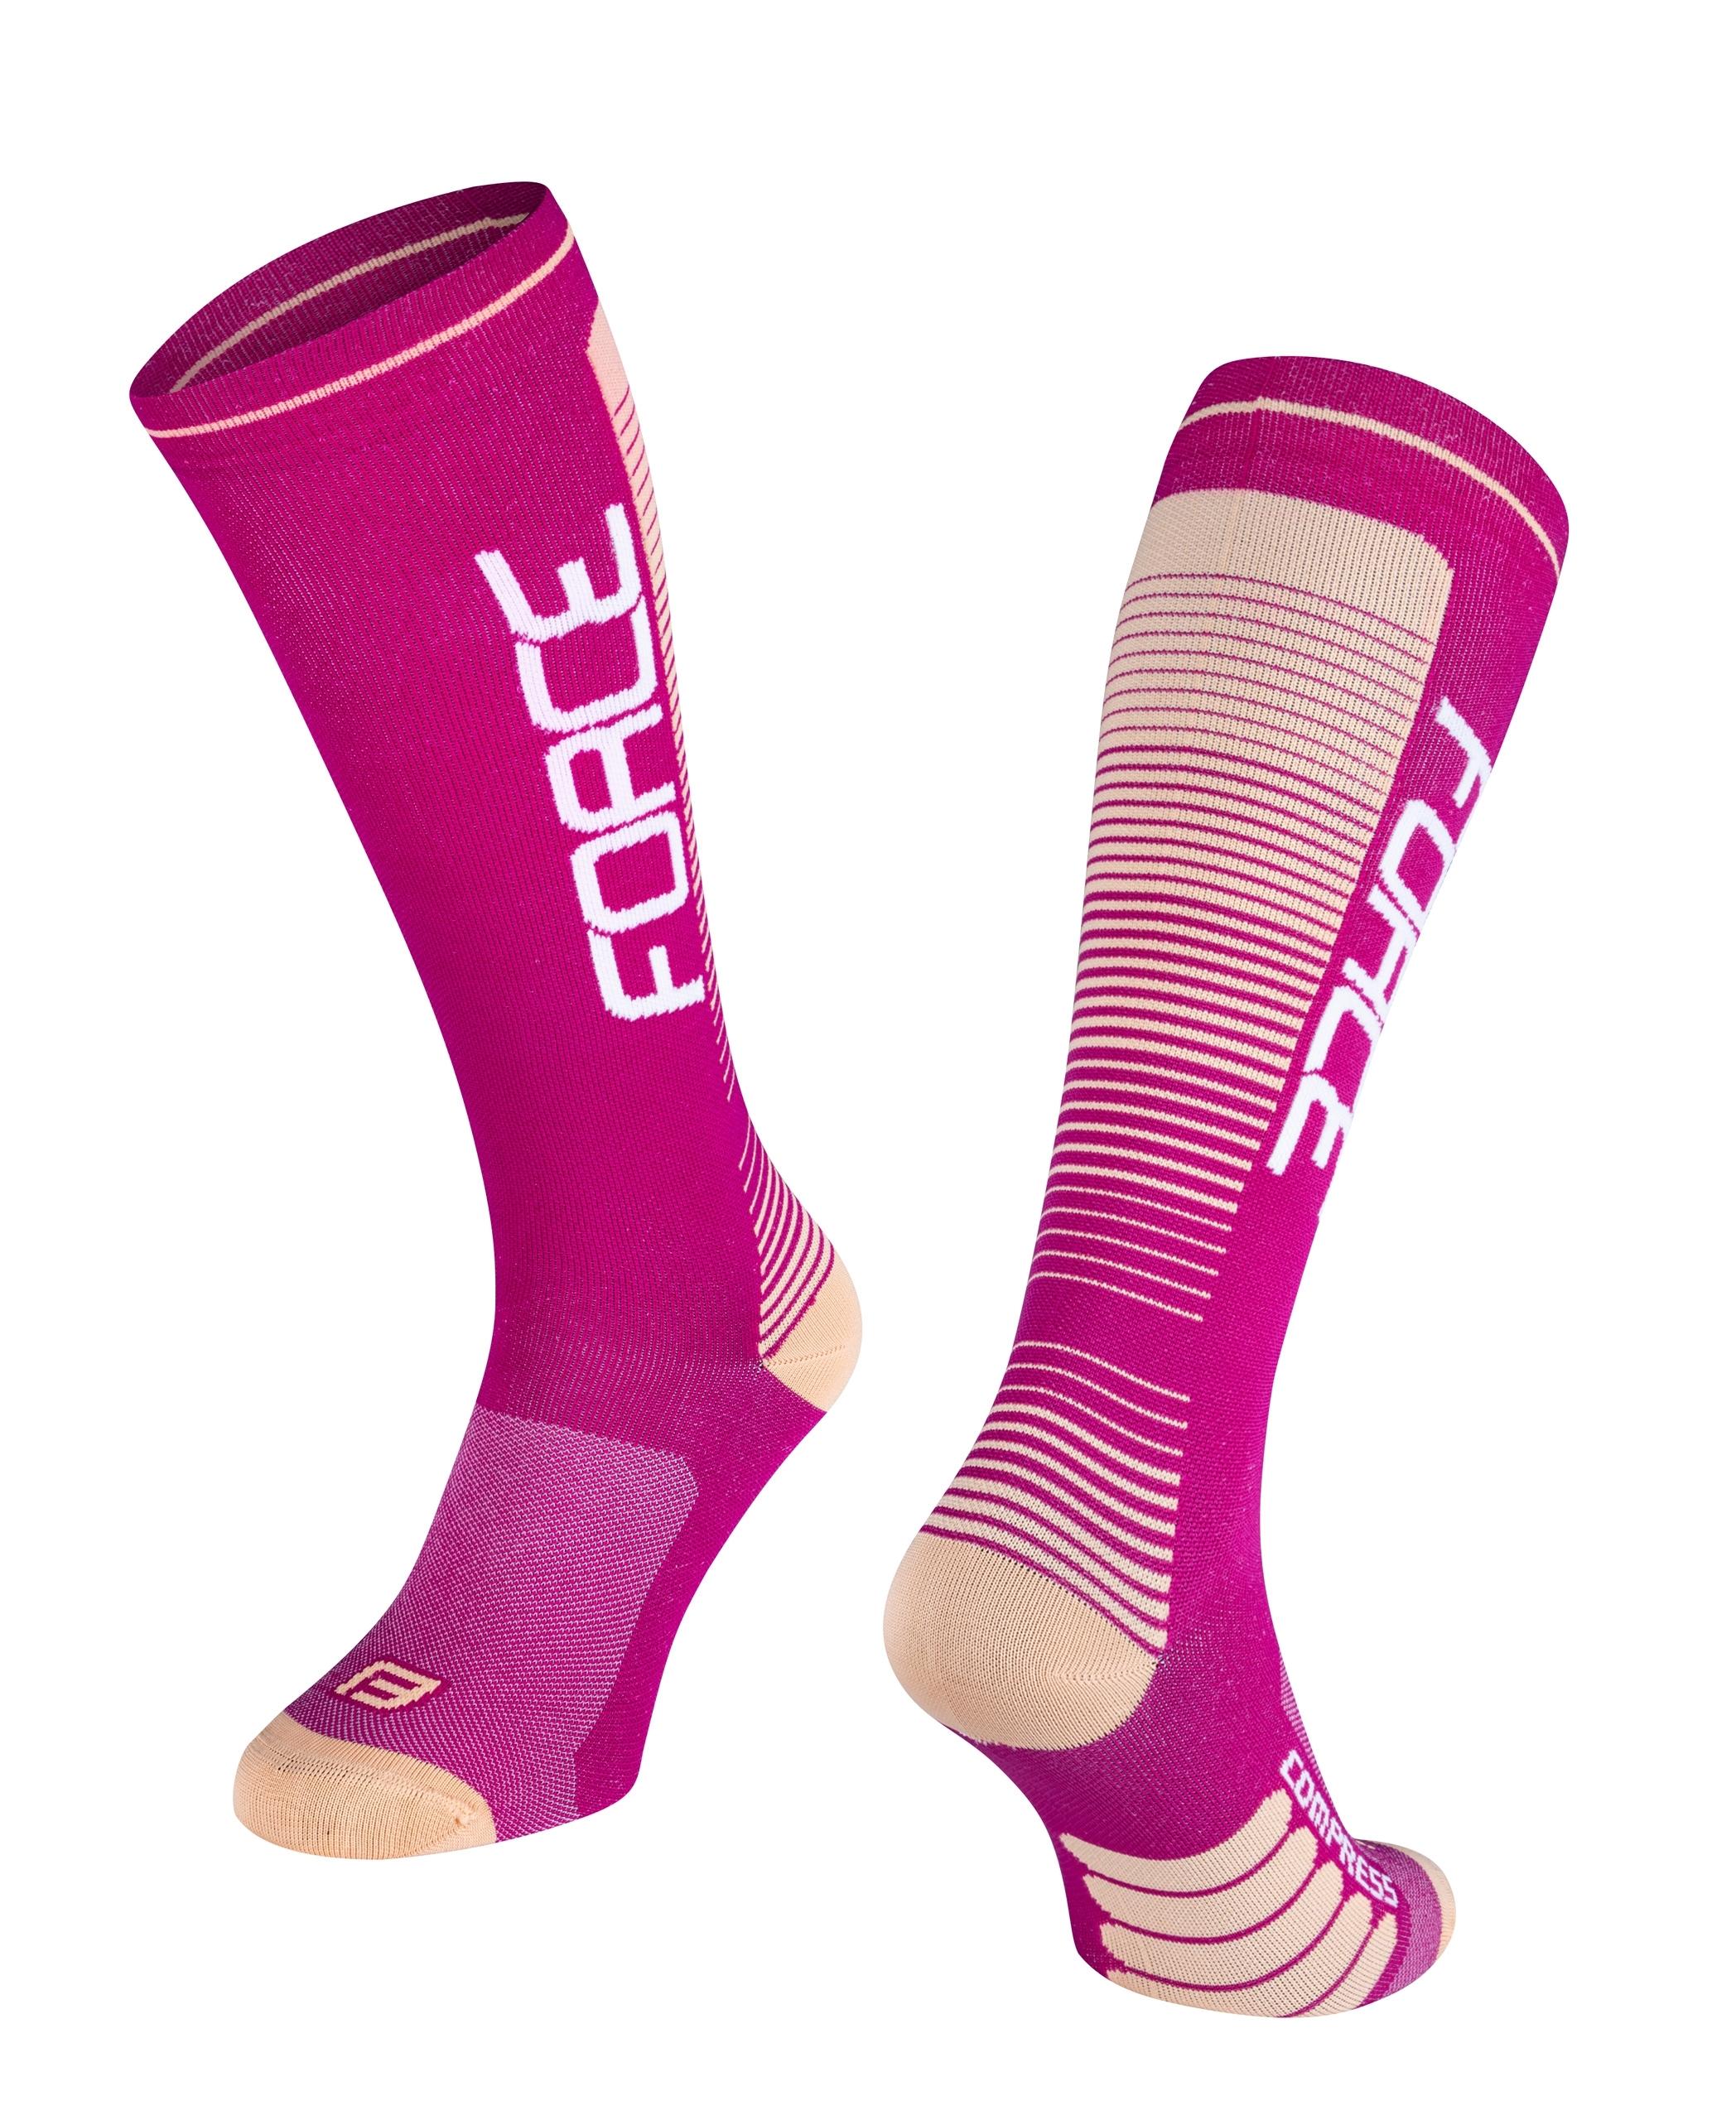 ponožky F COMPRESS, fialovo-meruňkové S-M/36-41